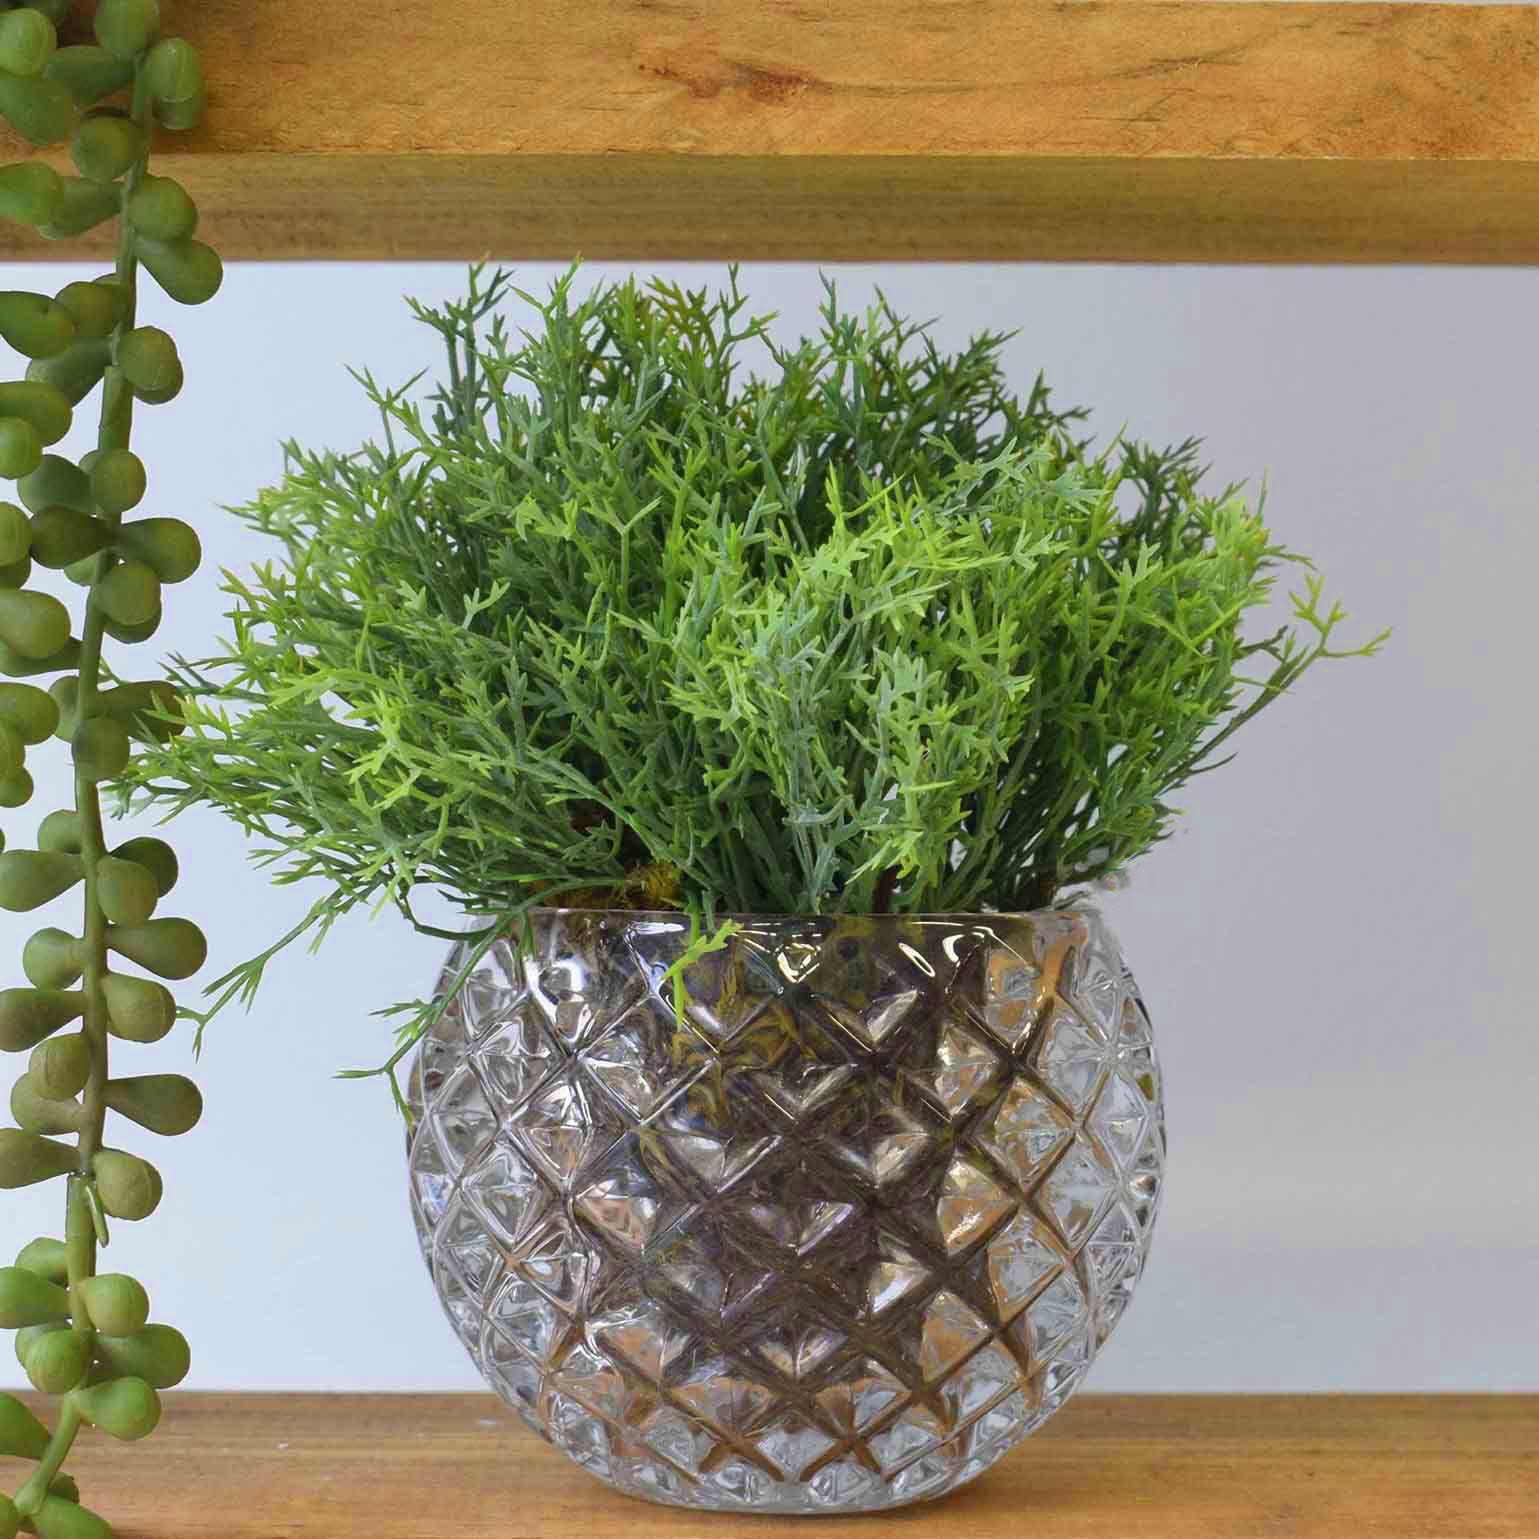 Arranjo de Erva-doce Artificial no Vaso de Vidro